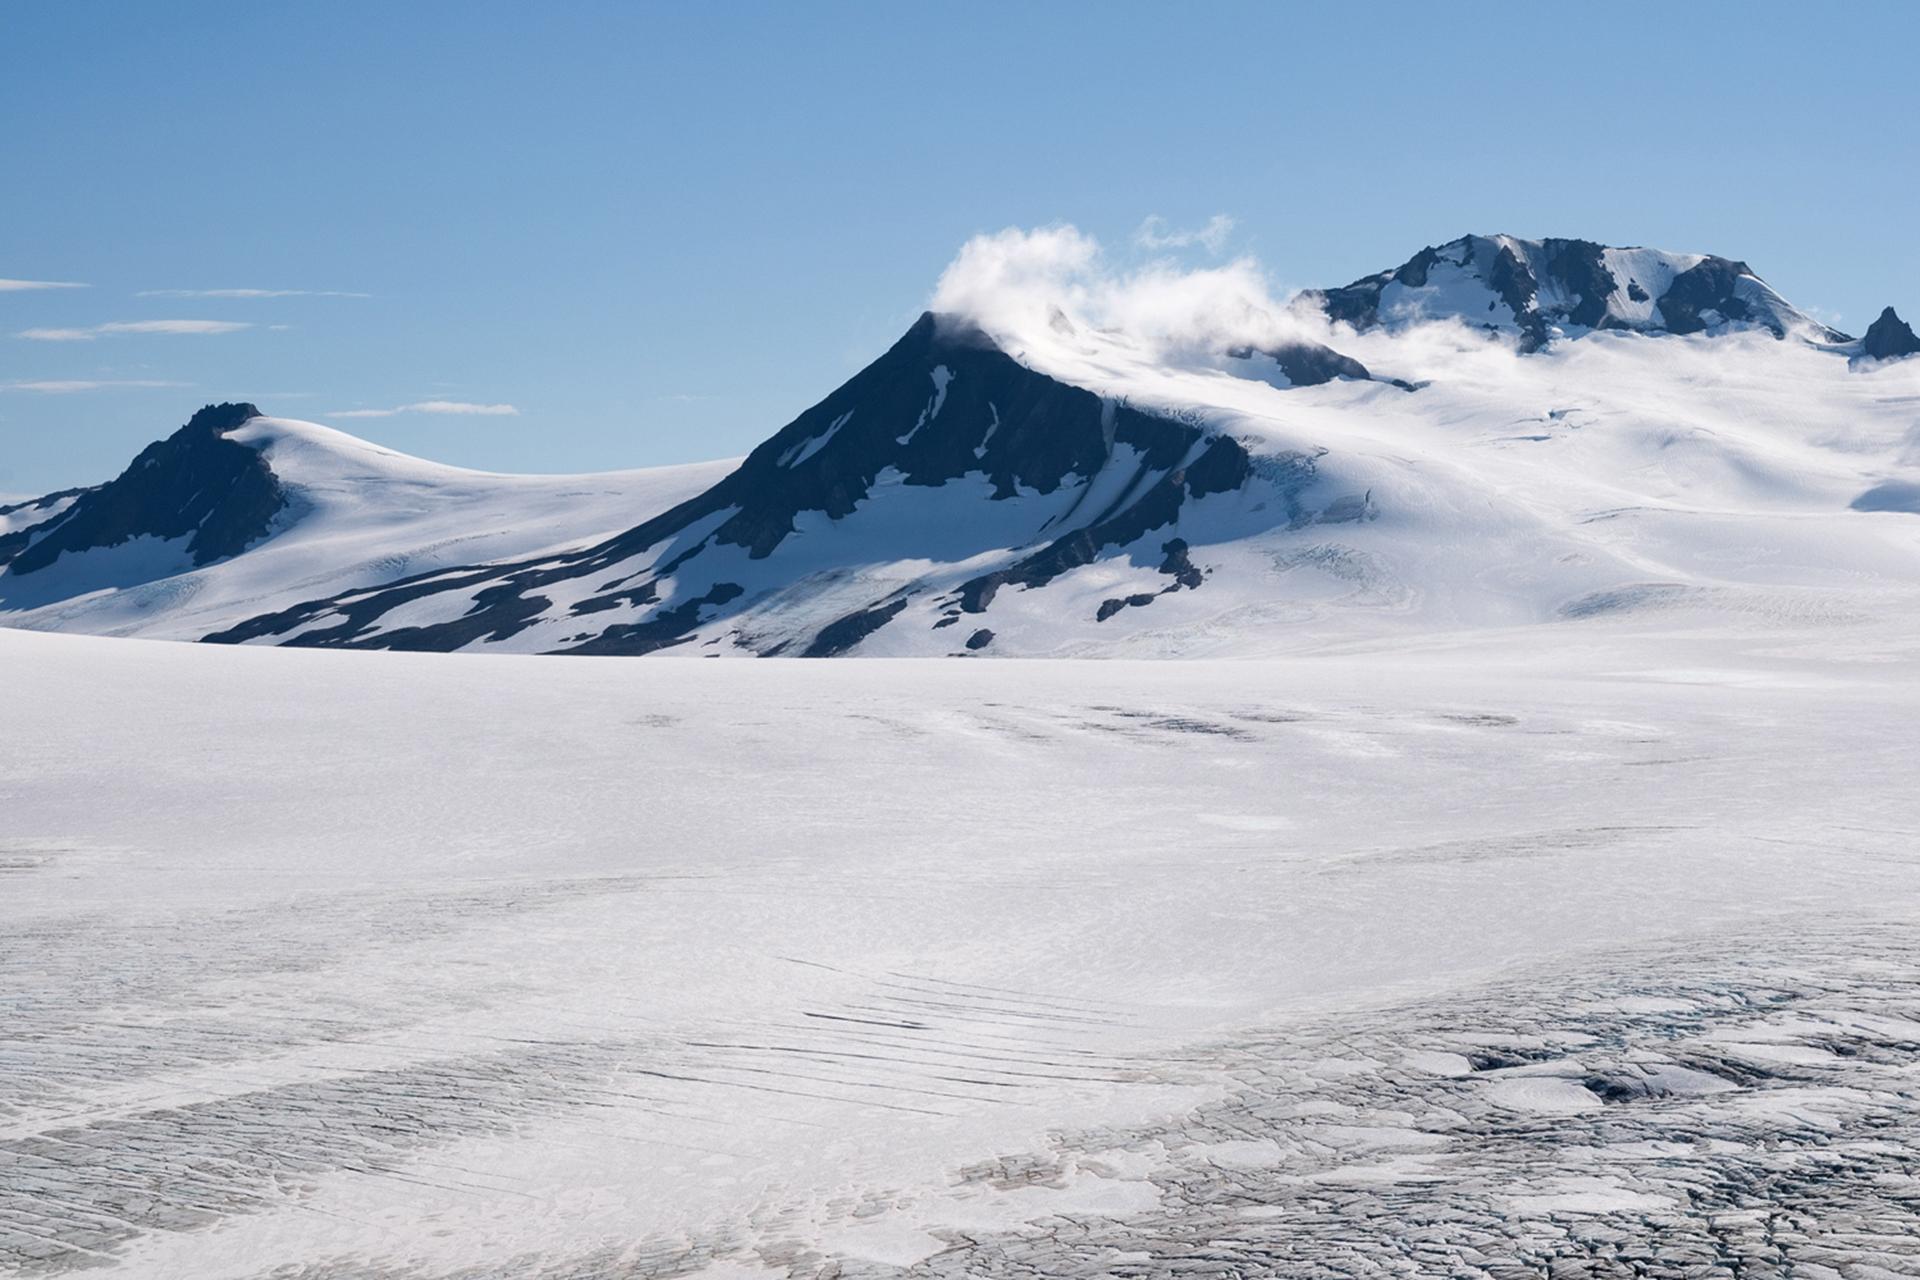 El campo de hielo de Harding tiene un aspecto de otro mundo, pero es sólo un viaje de un día de la ciudad más grande de Alaska, Anchorage, 27 de agosto de 2016